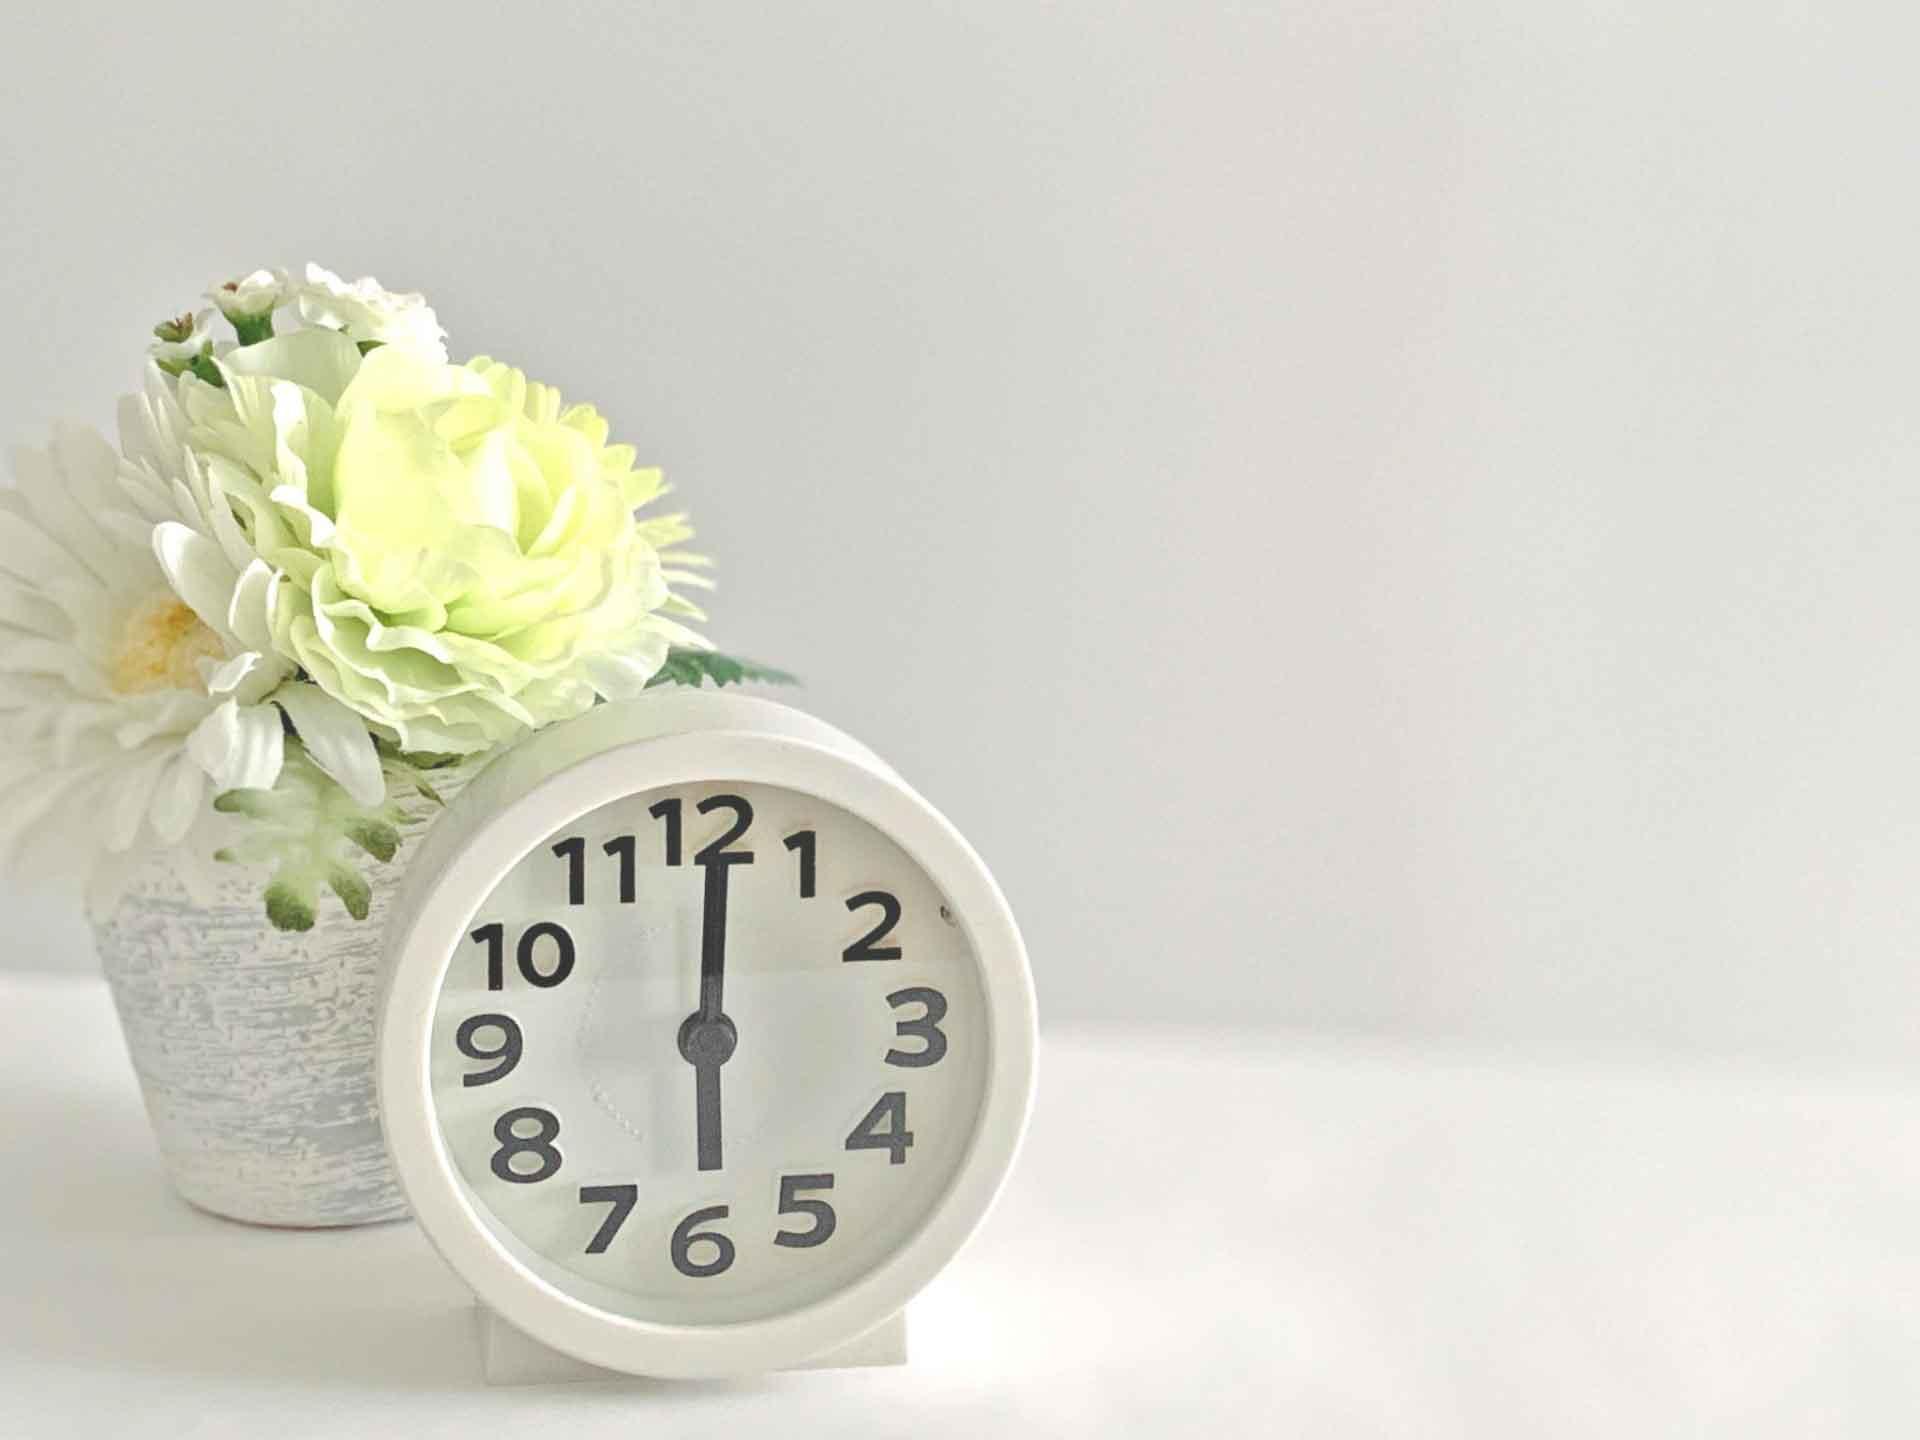 テーブルの上に置かれた小さな置時計